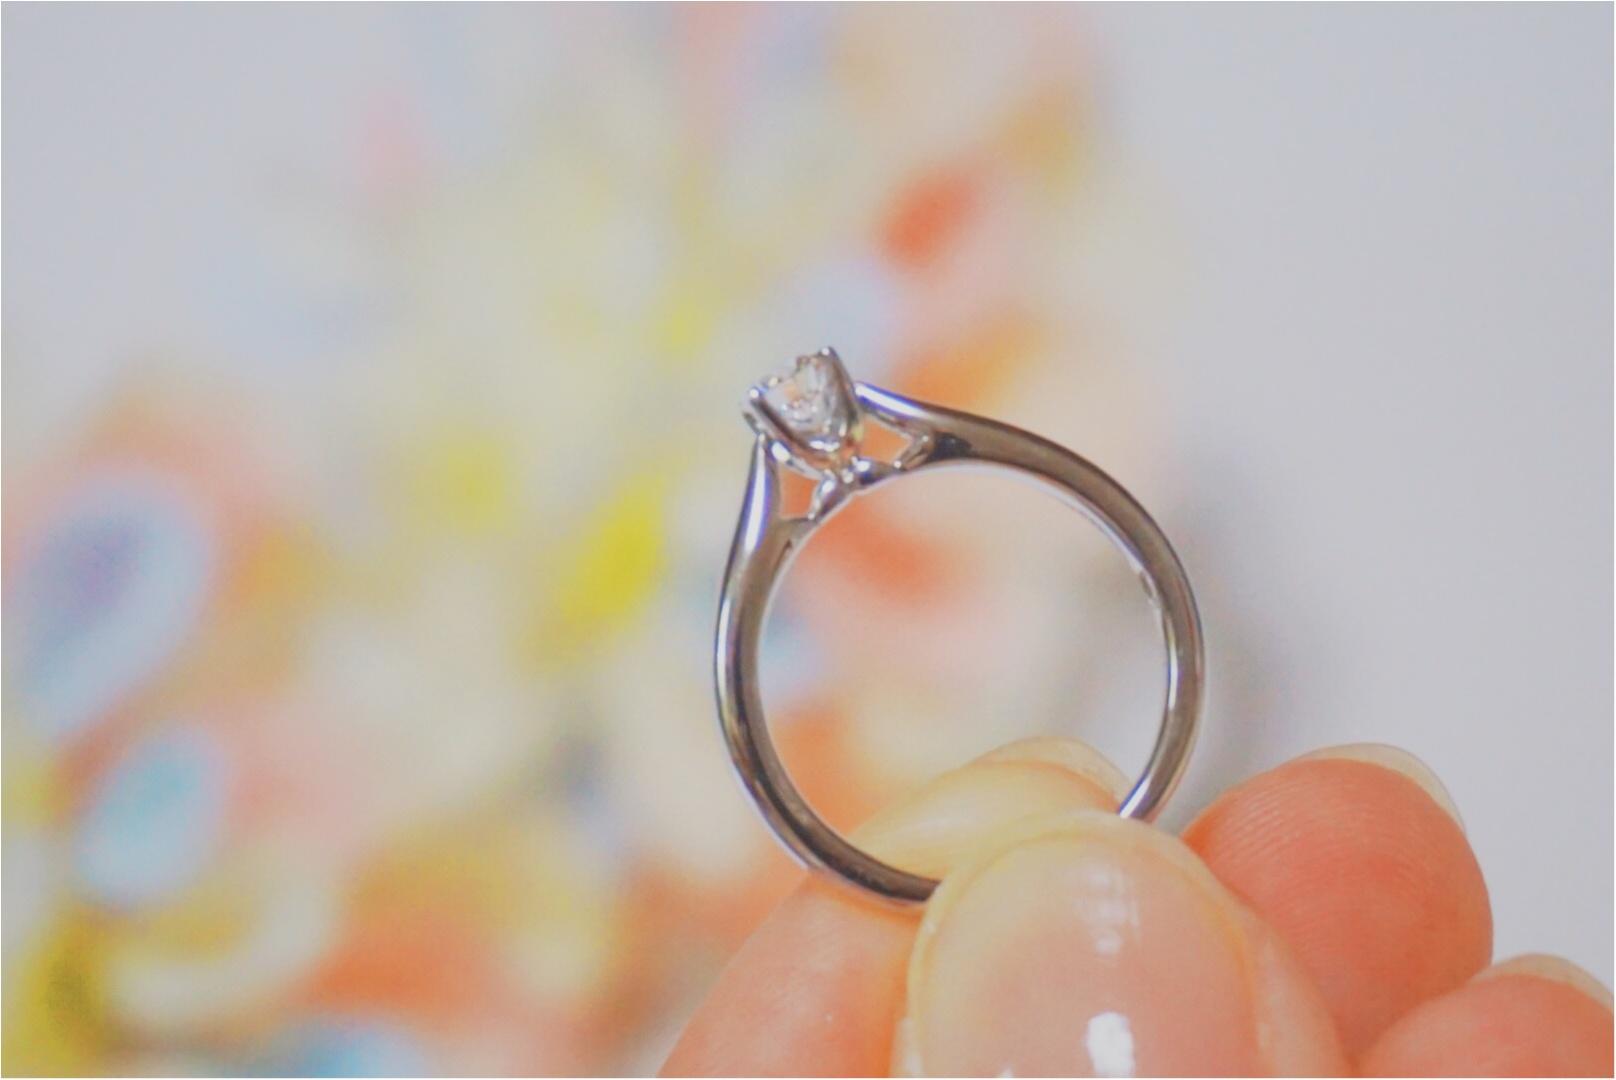 婚約指輪のおすすめブランド特集 - ティファニー、カルティエ、ディオールなどエンゲージリングまとめ_71